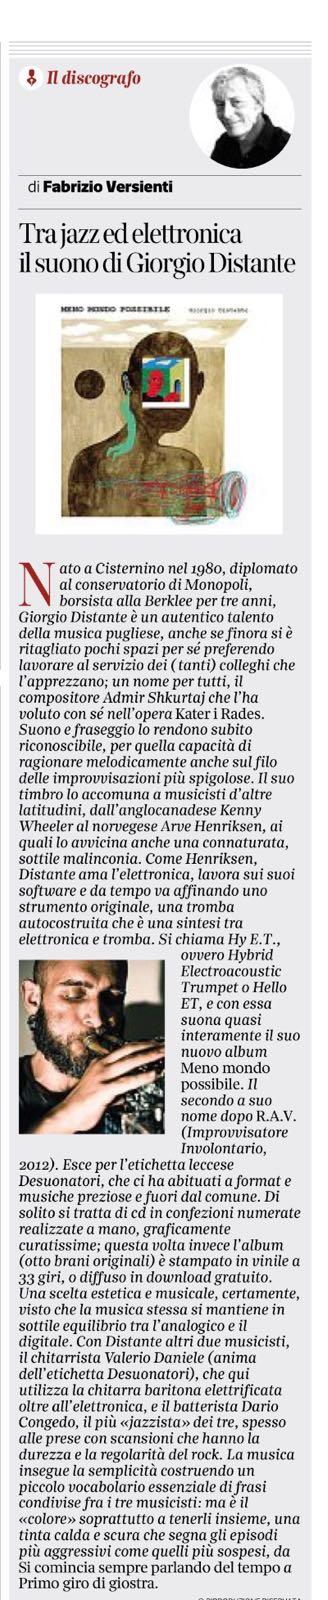 Tra jazz ed elettronica il suono di Giorgio Distante // Corriere del mezzogiorno 27/01/2018